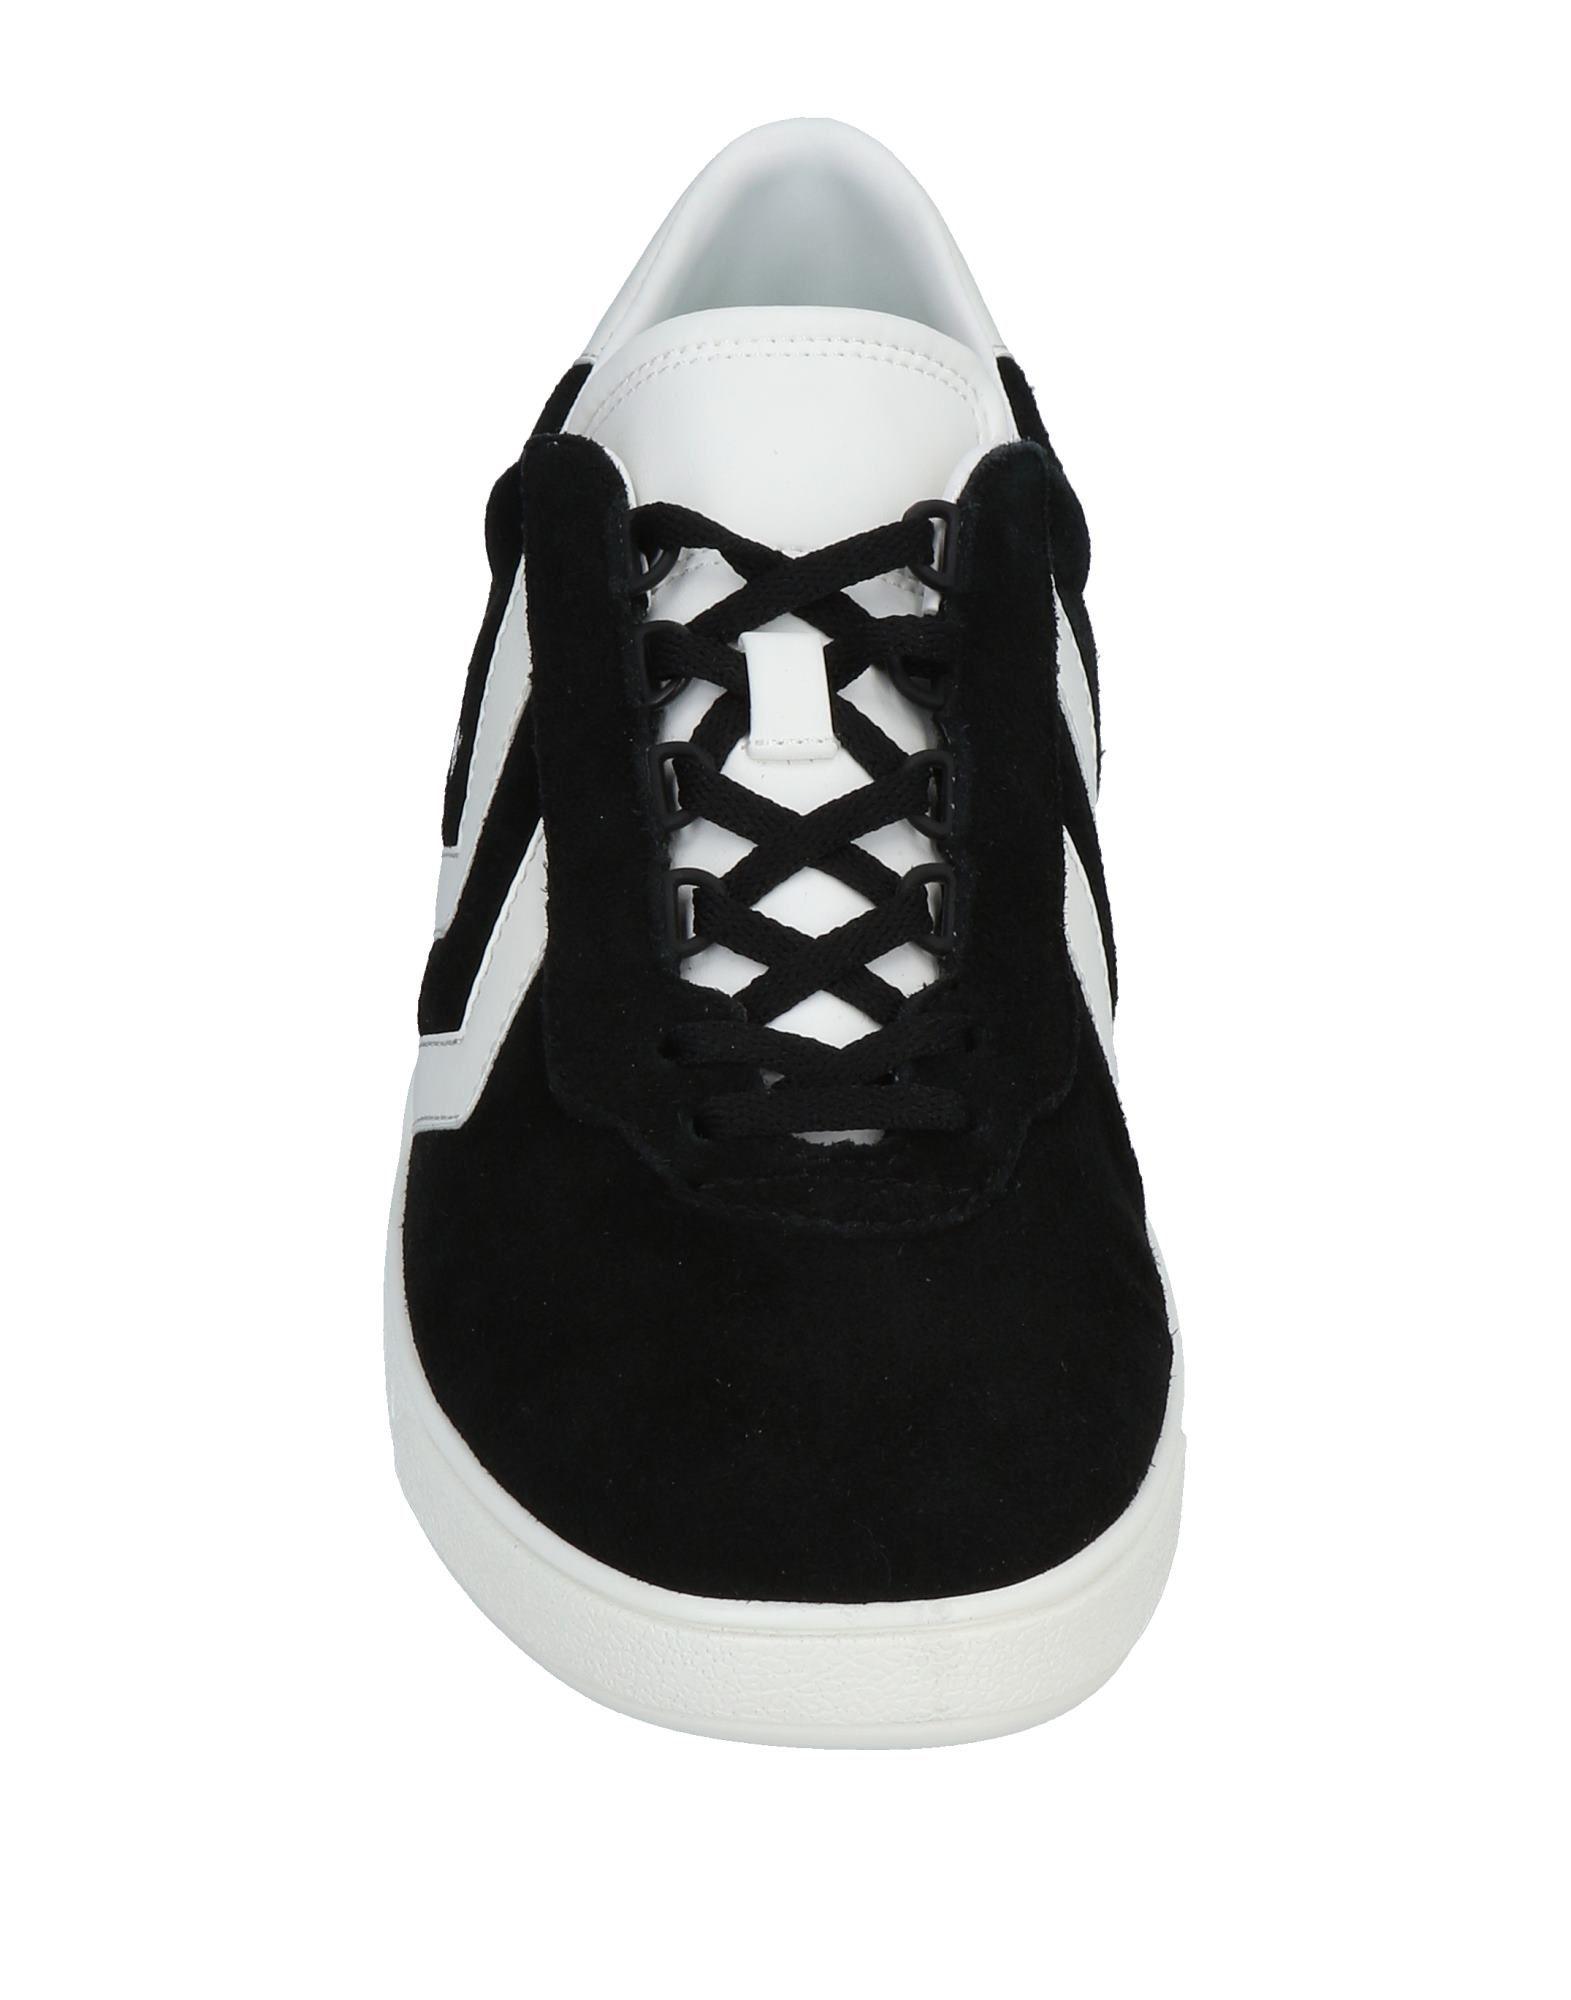 Hummel Sneakers Sneakers Hummel Herren  11489796DS 8b445a